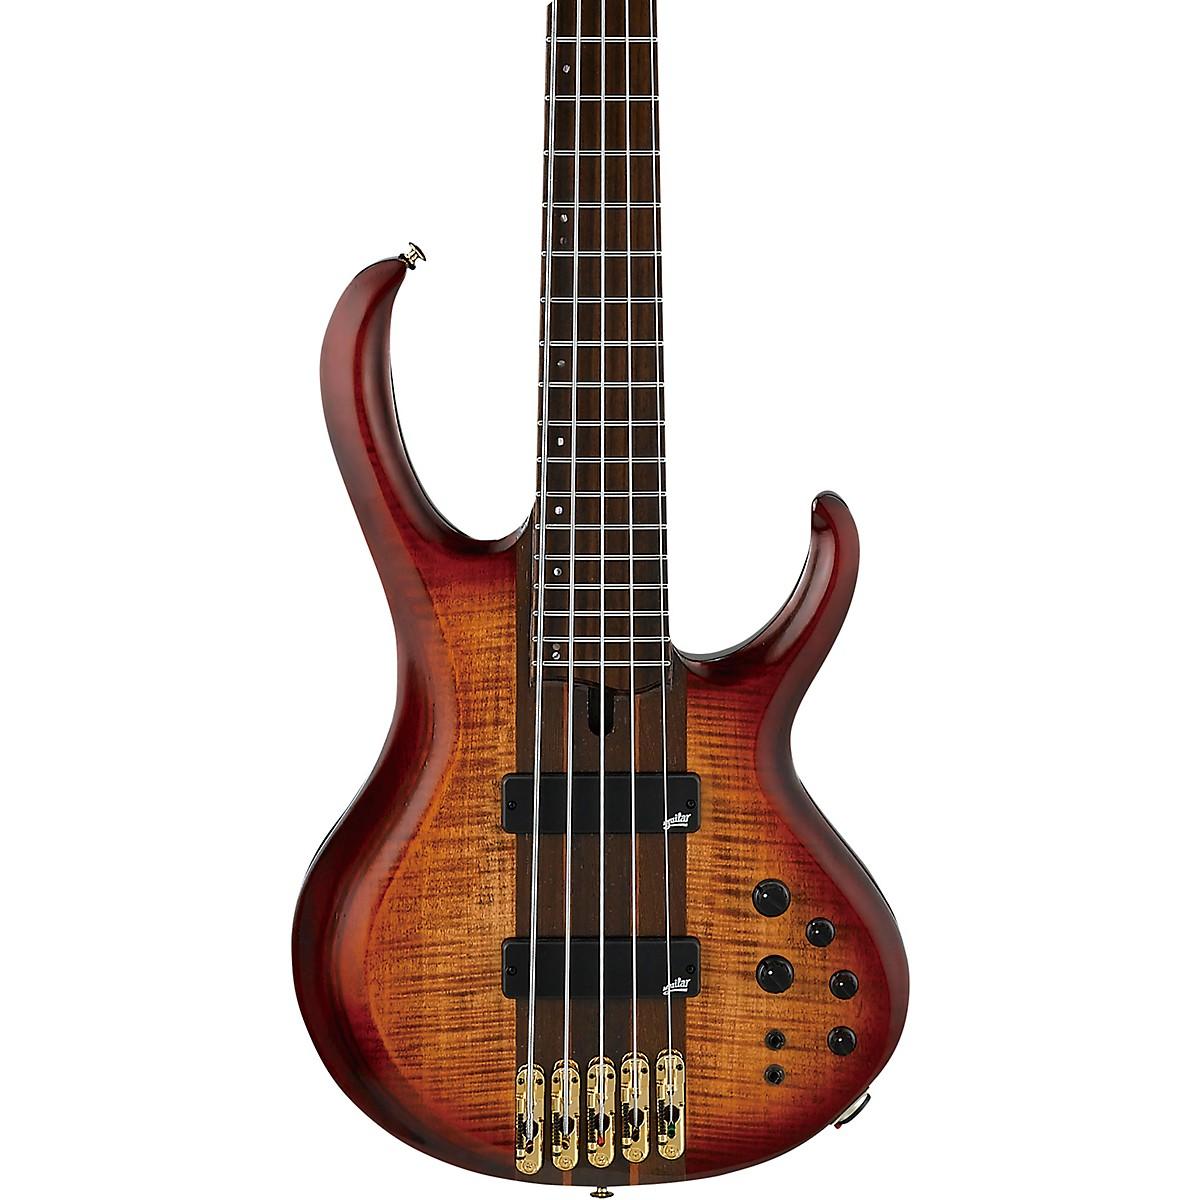 Ibanez BTB1905E 5-String Electric Bass Guitar